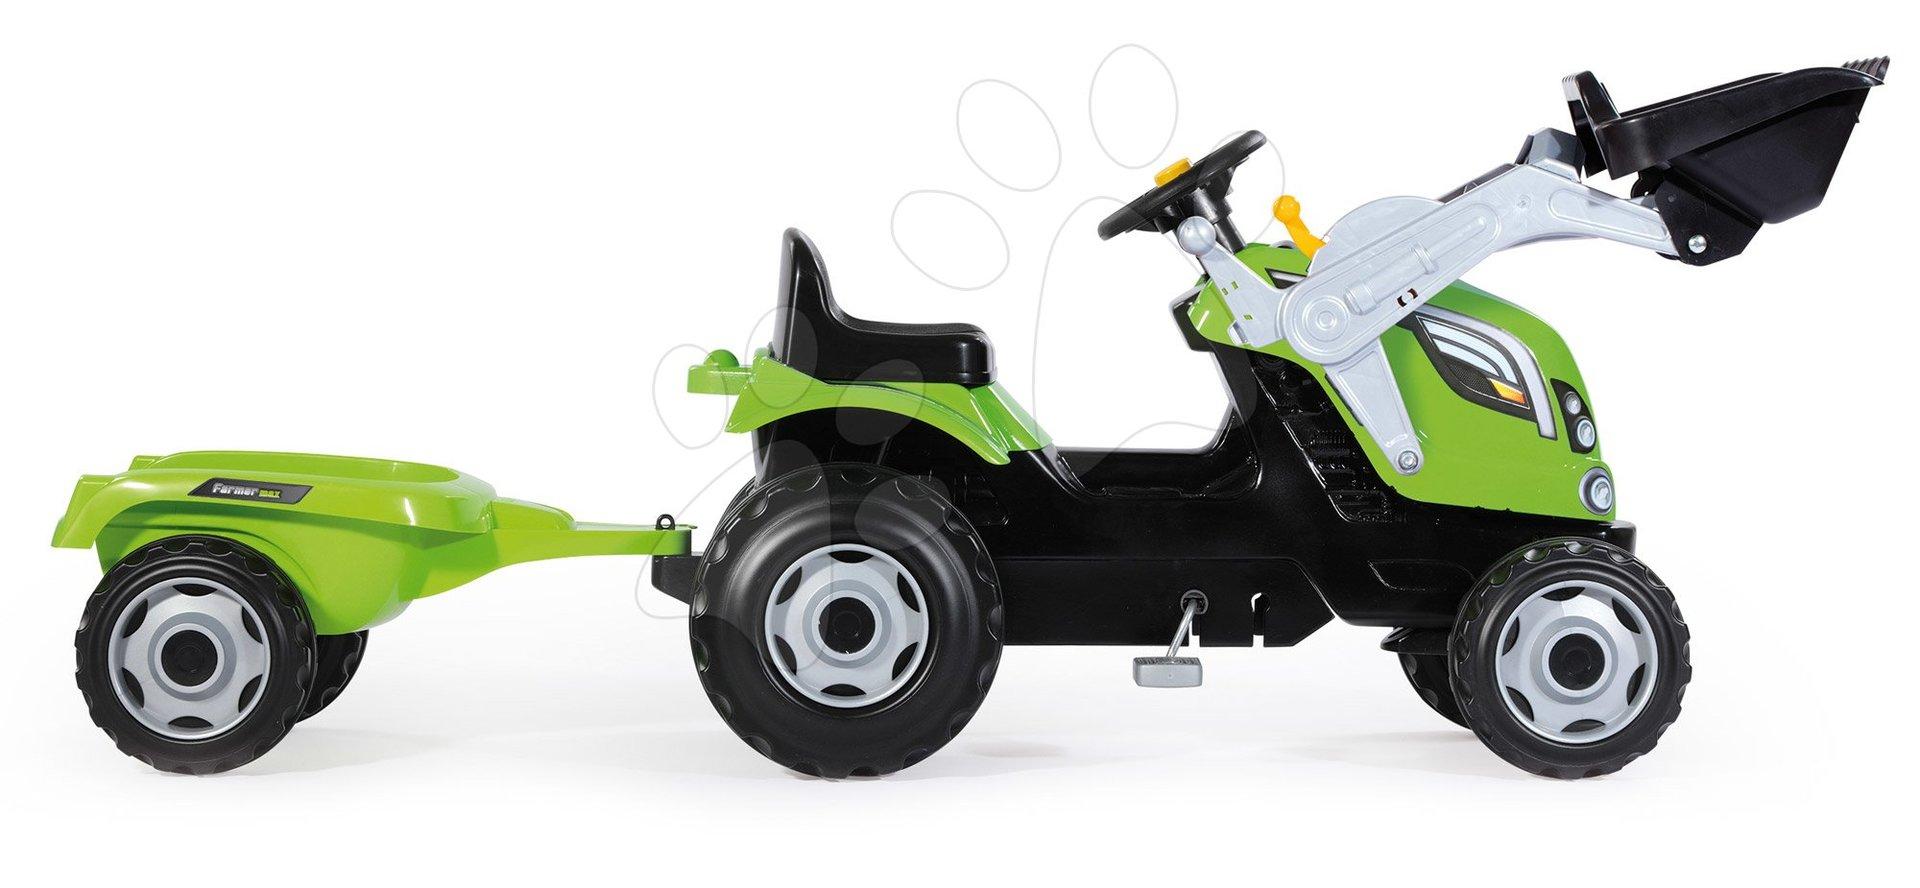 Tractor cu pedale, încărcător frontal Farmer Max Smoby verde și remorcă de la vârsta de 3 ani